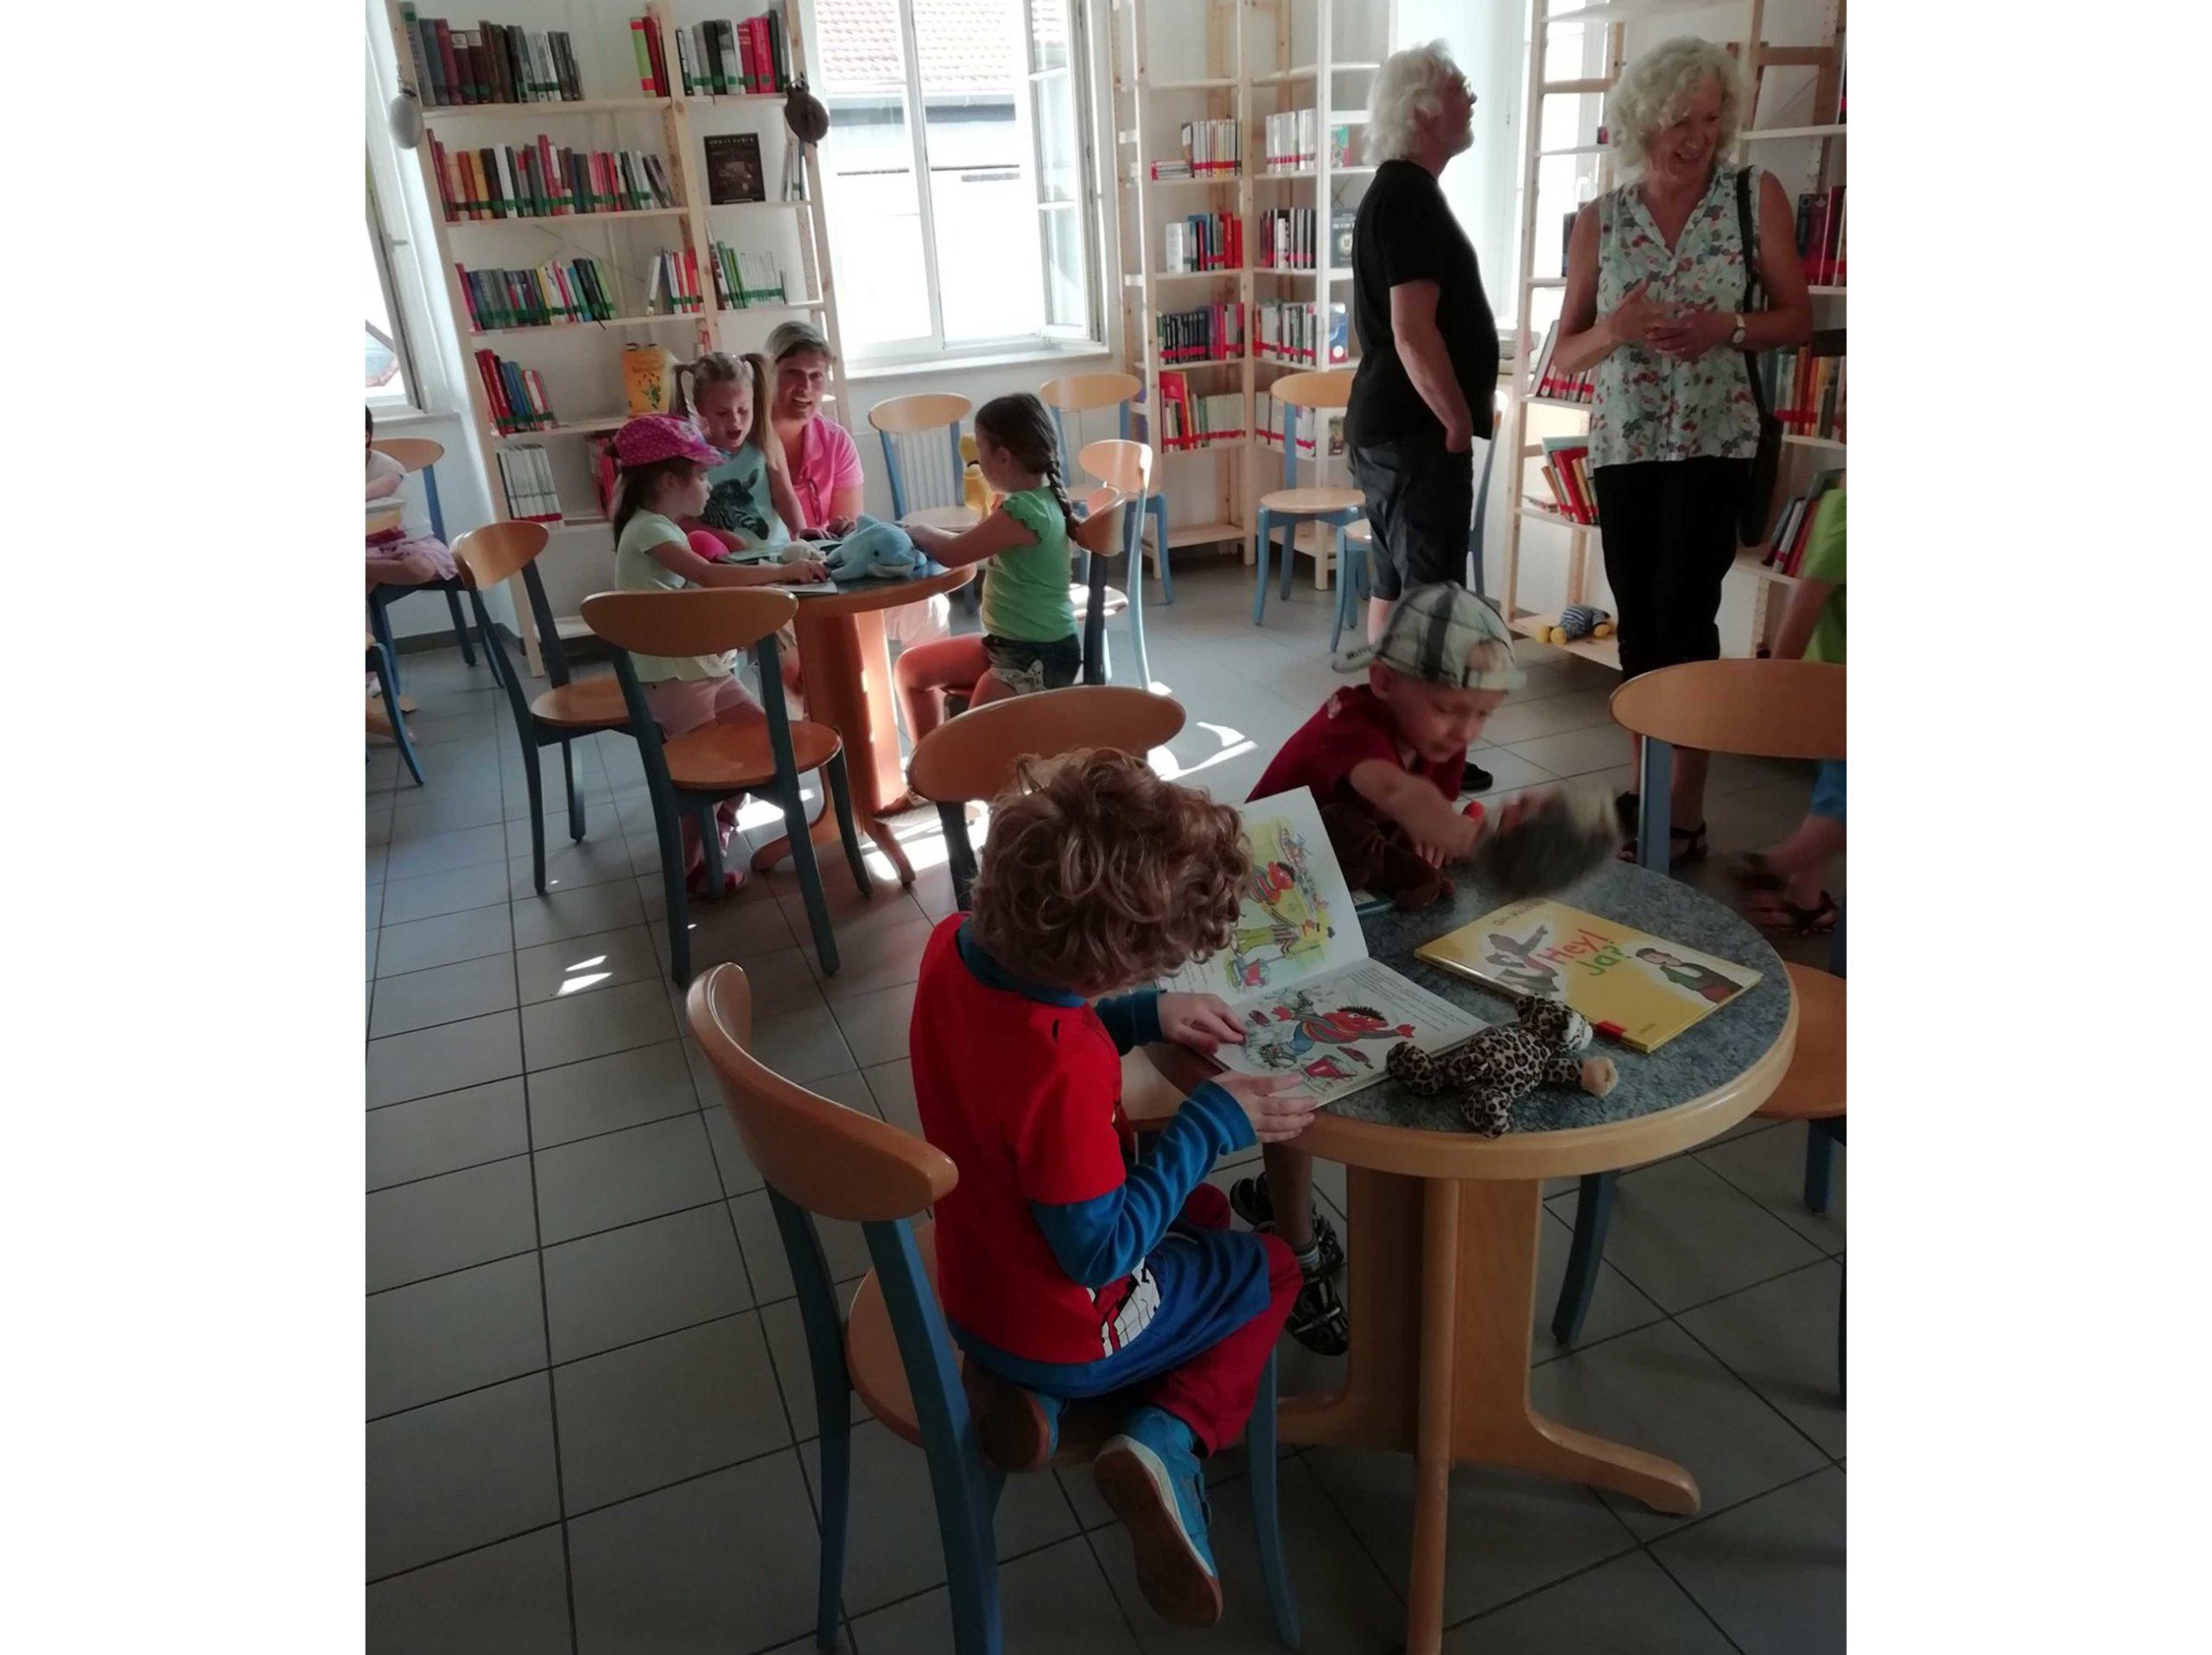 Einrichtung einer Kinder- und Jugendbücherei in Marnheim